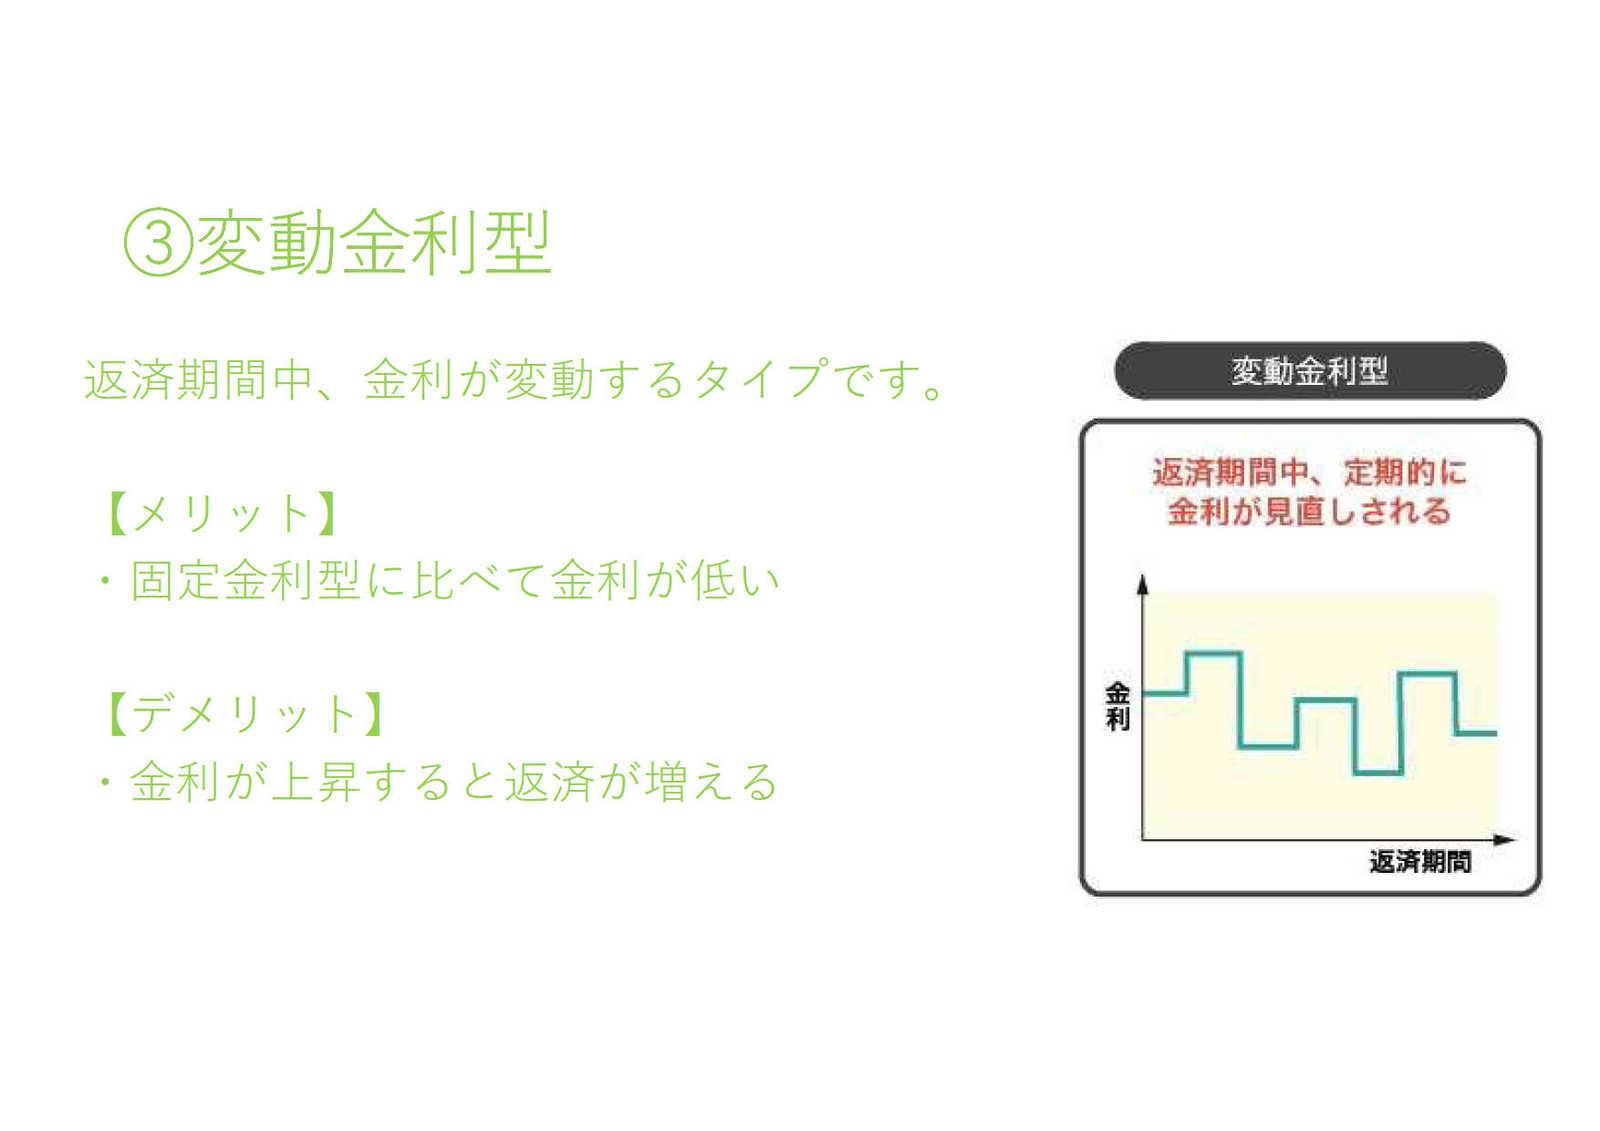 変動金利.jpg